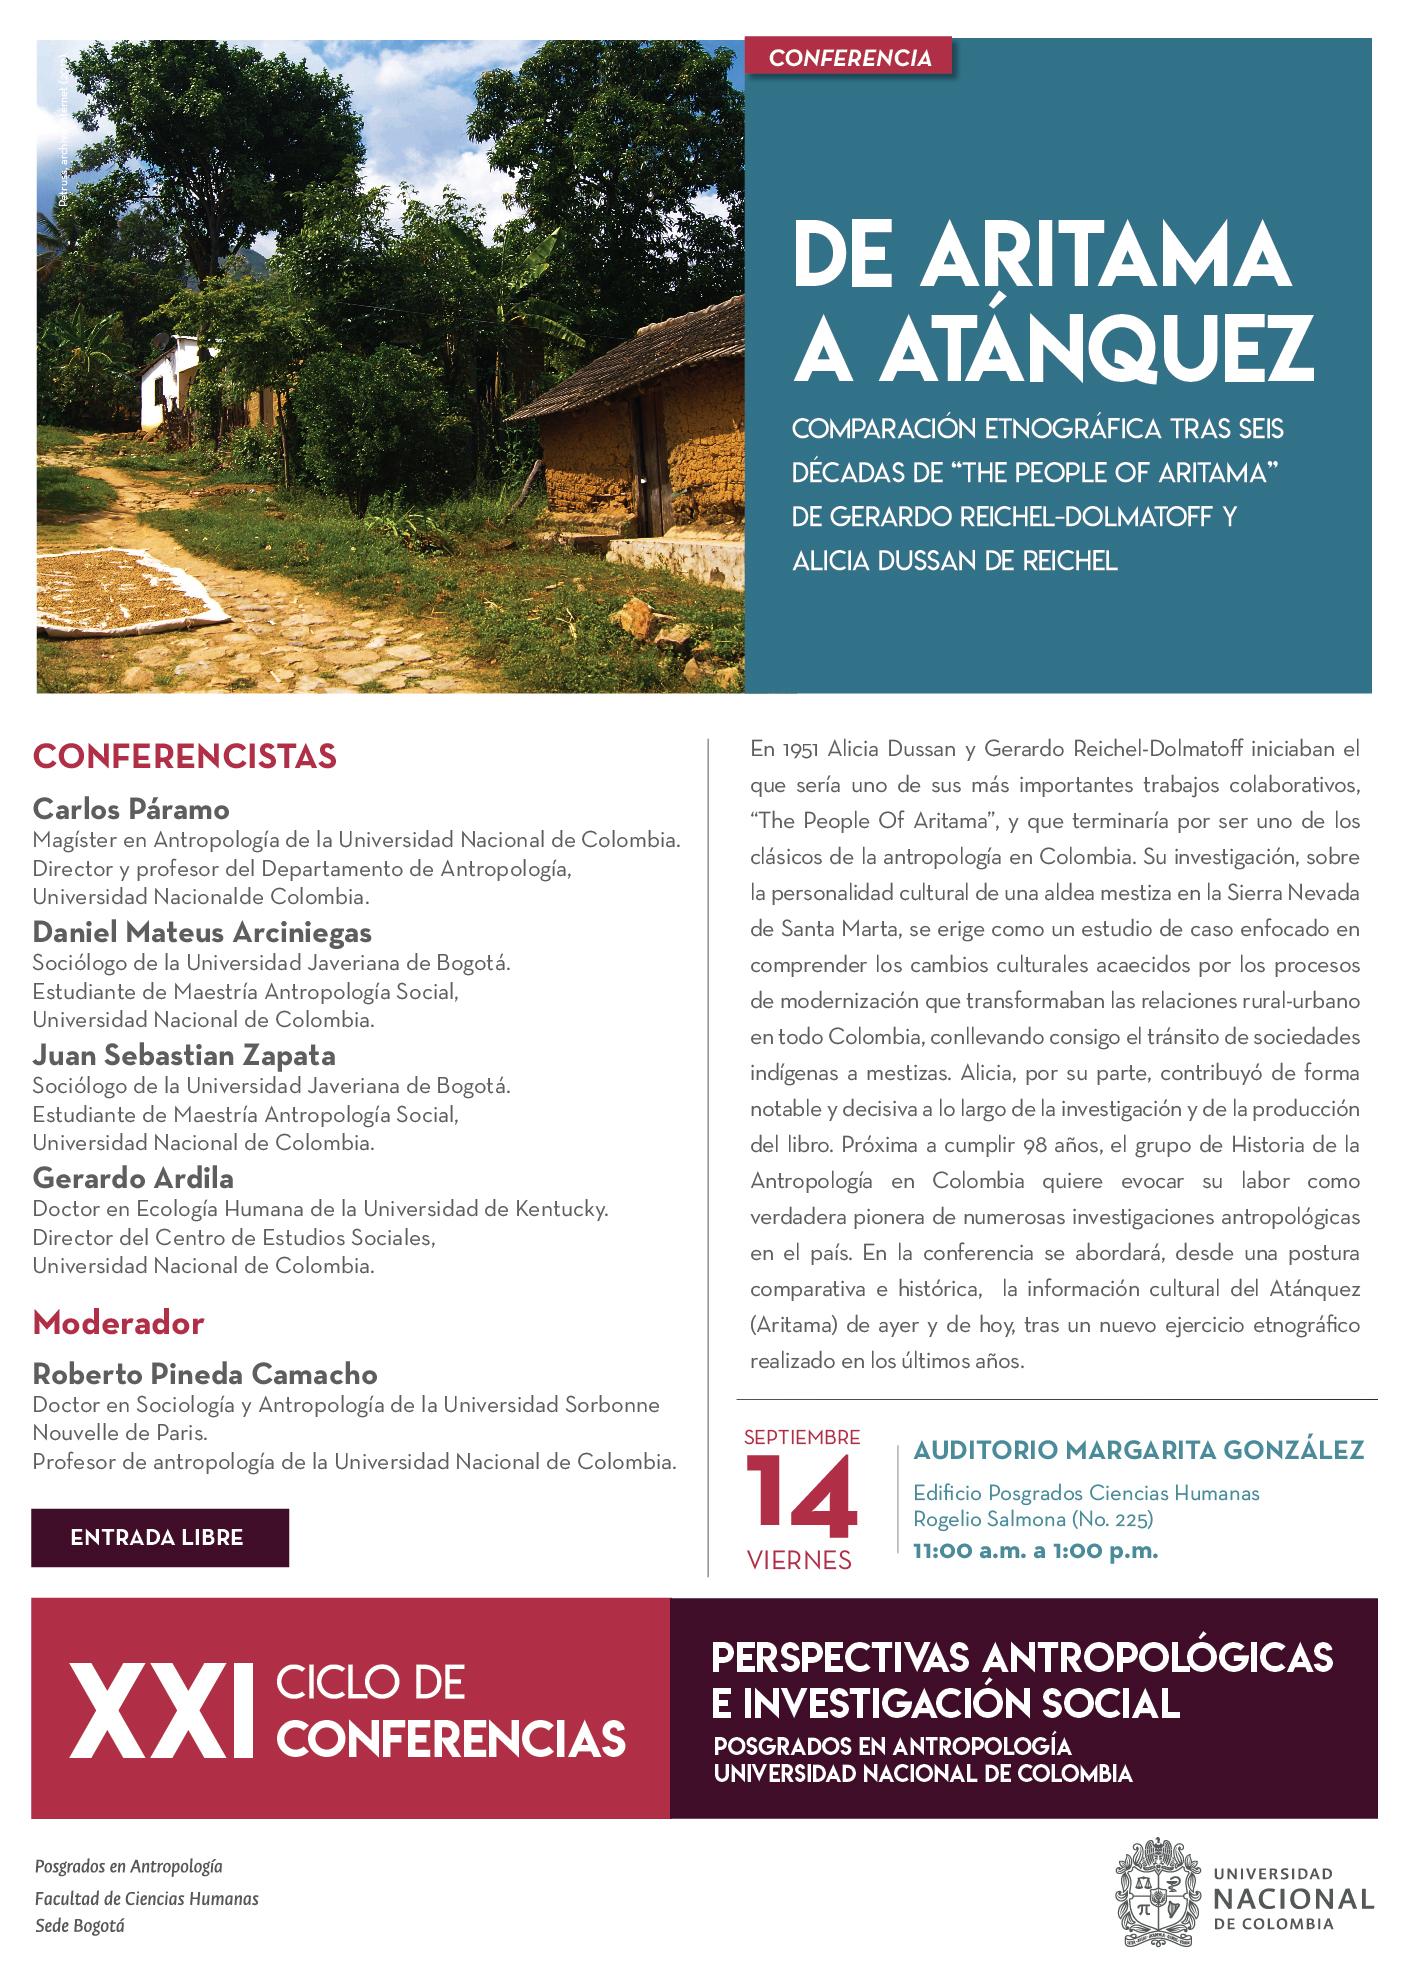 Conferencia «De Artiama a Atánquez: comparación etnográfica tras seis décadas de 'The People of Aritama' de Gerardo Reichel-Dolmatoff y Alicia Dussan de Reichel»